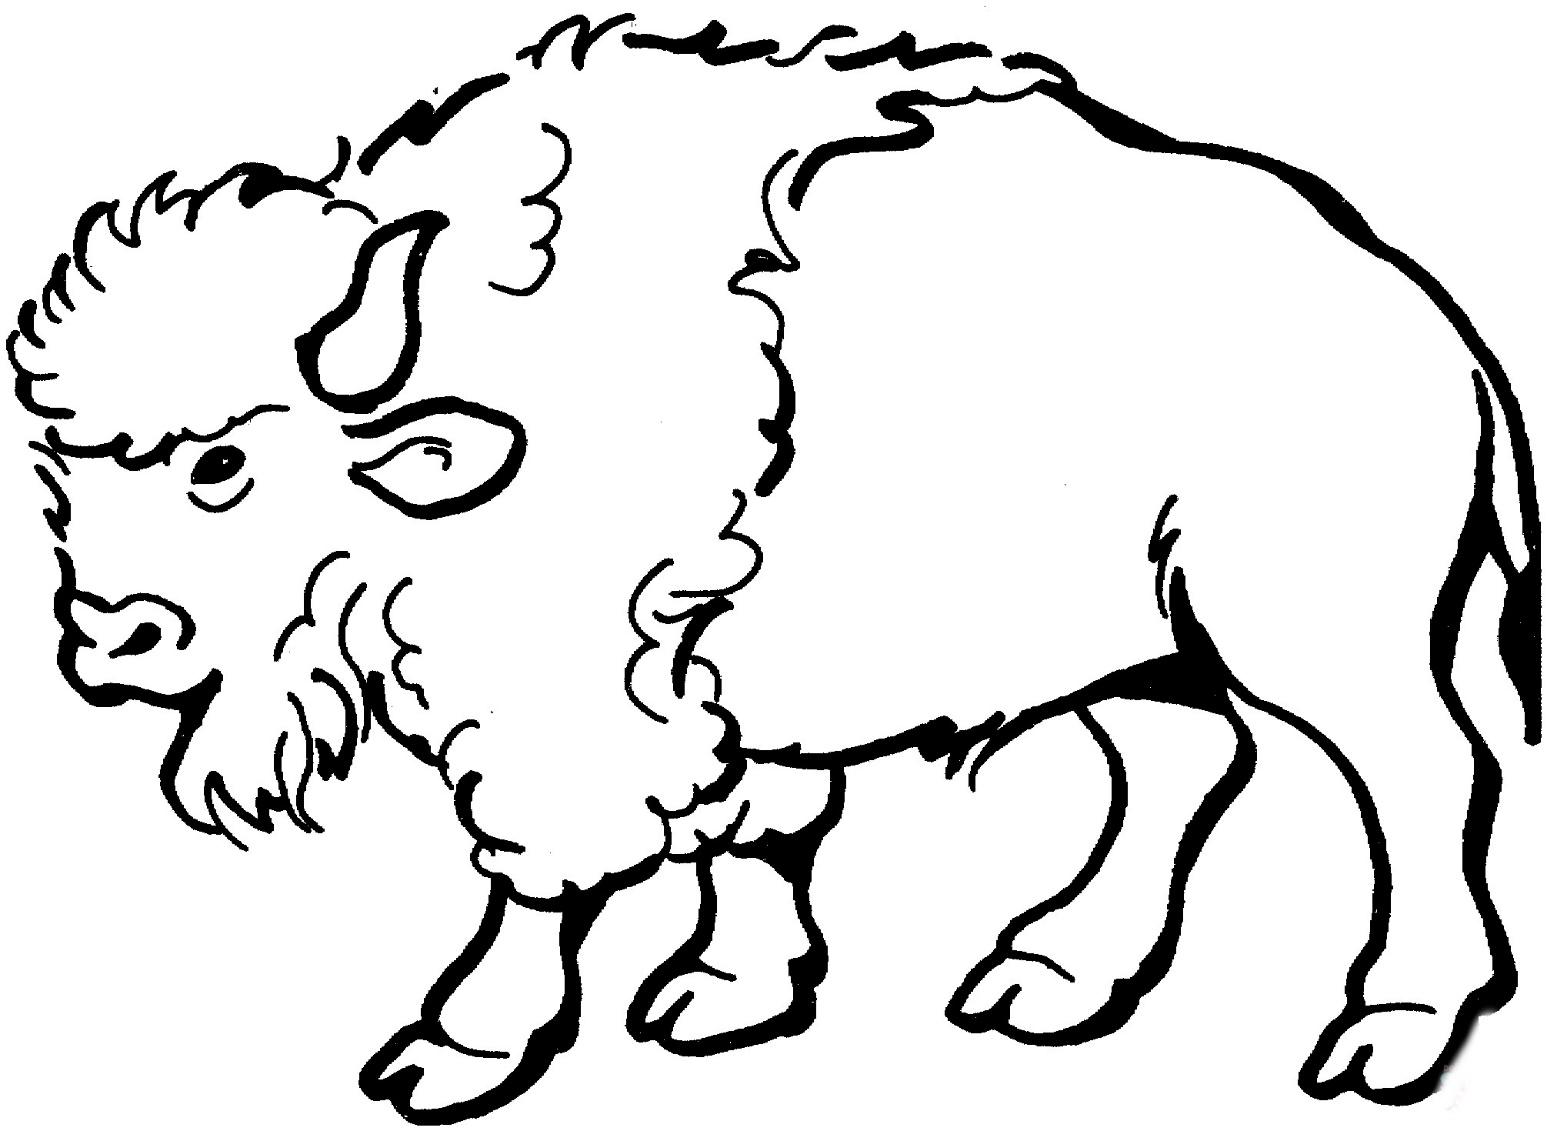 картинка овцебыка распечатать угадать, кисти каких